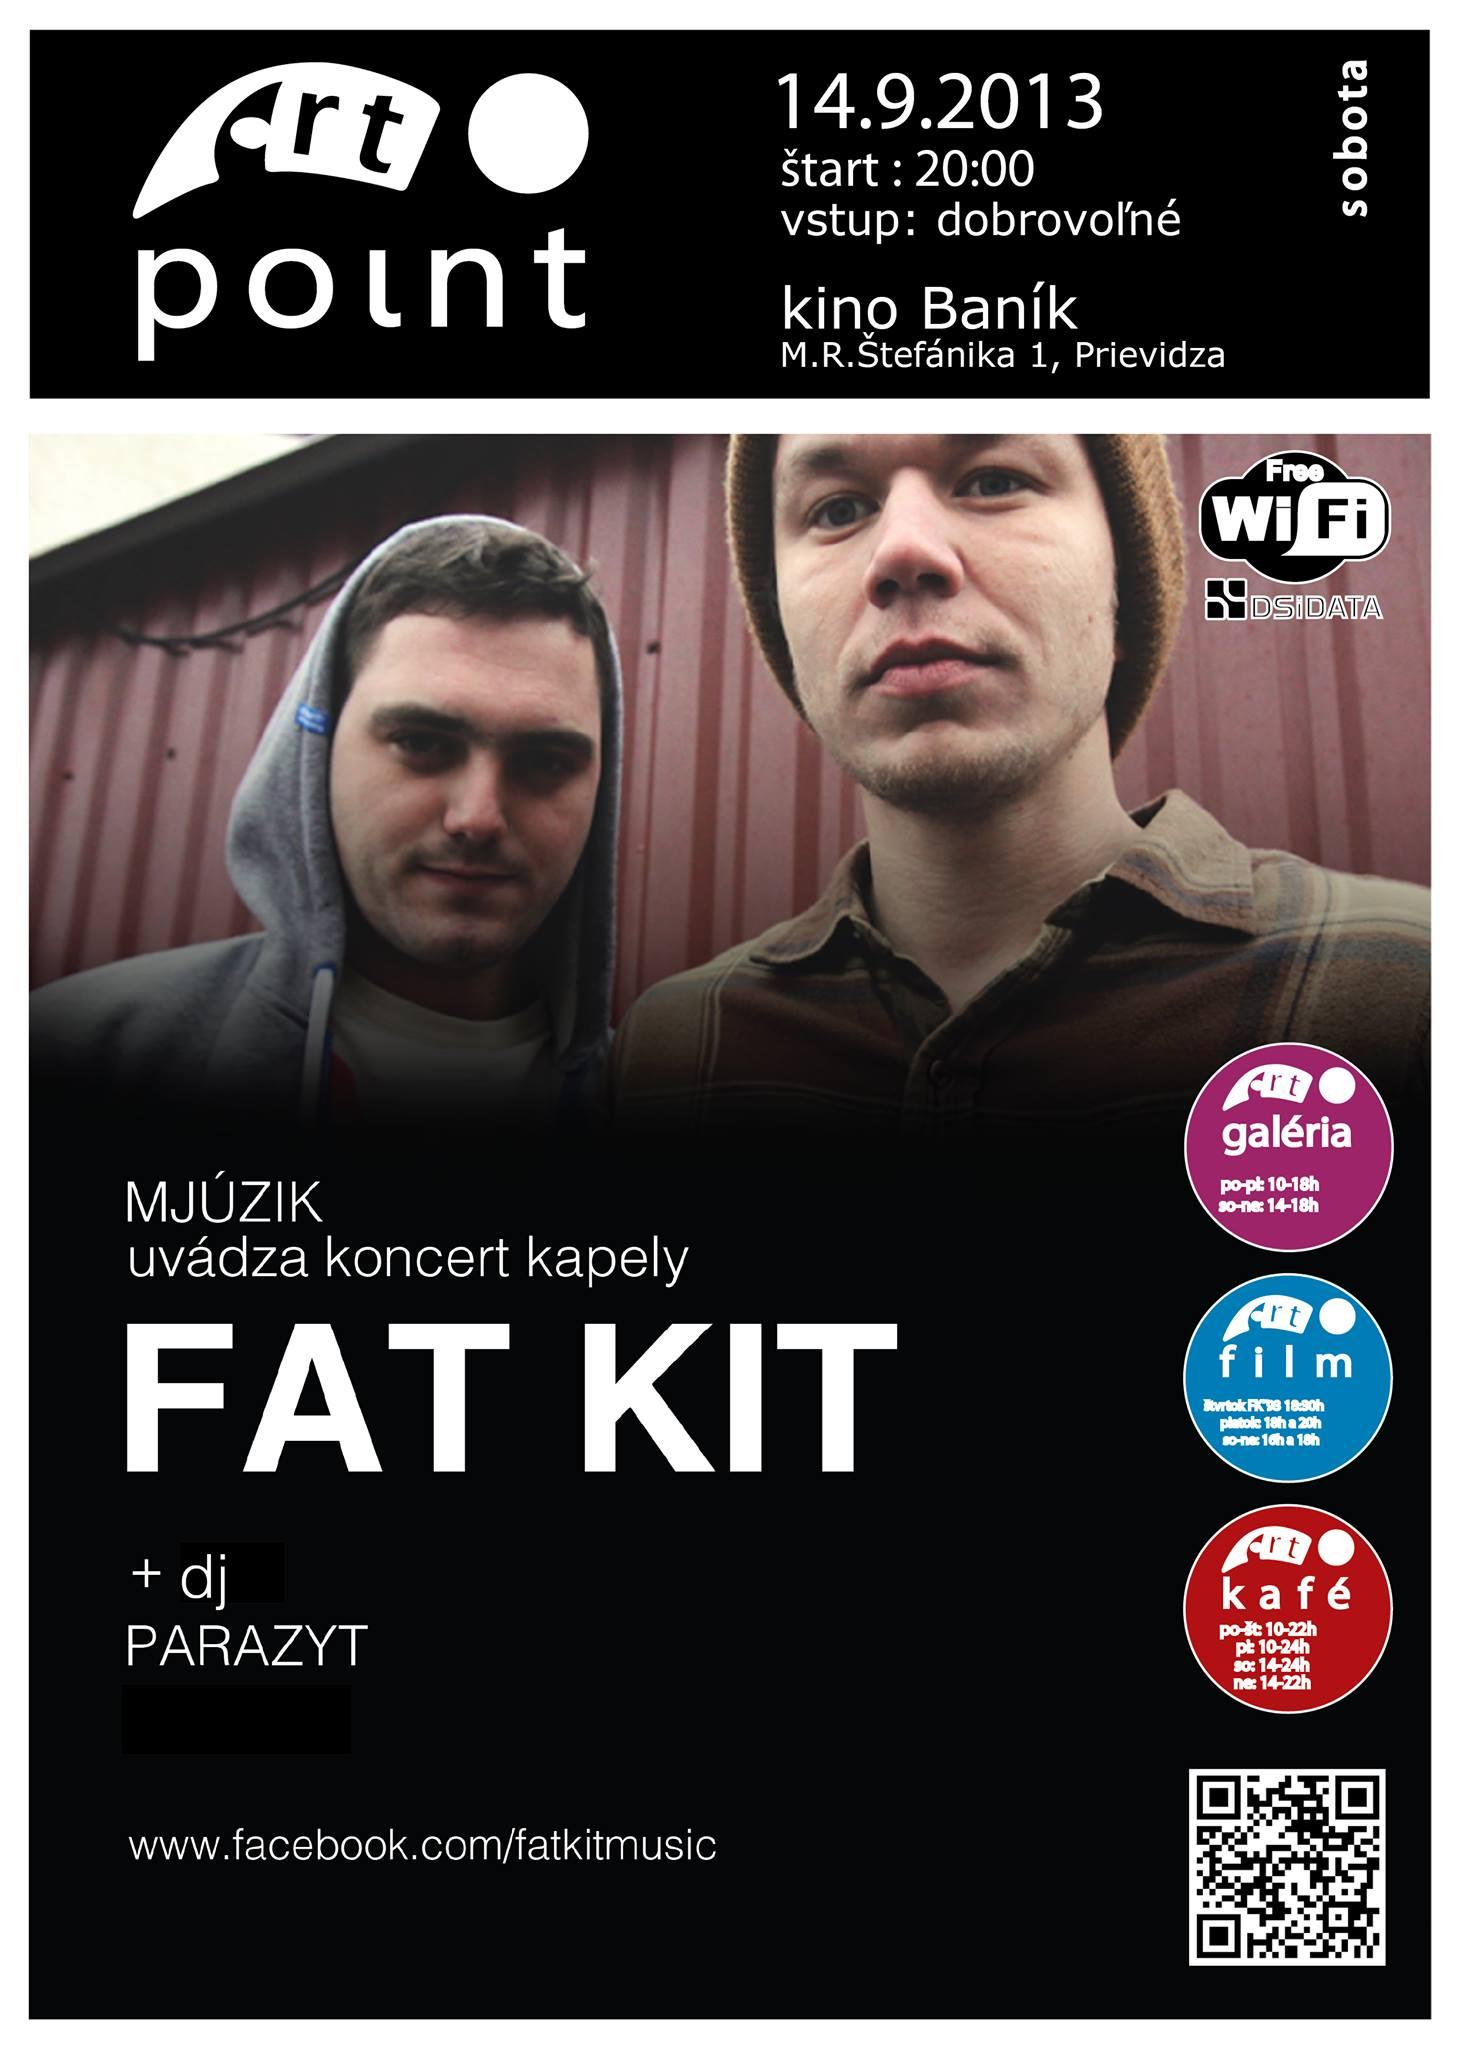 Mjúzik - FAT KIT live